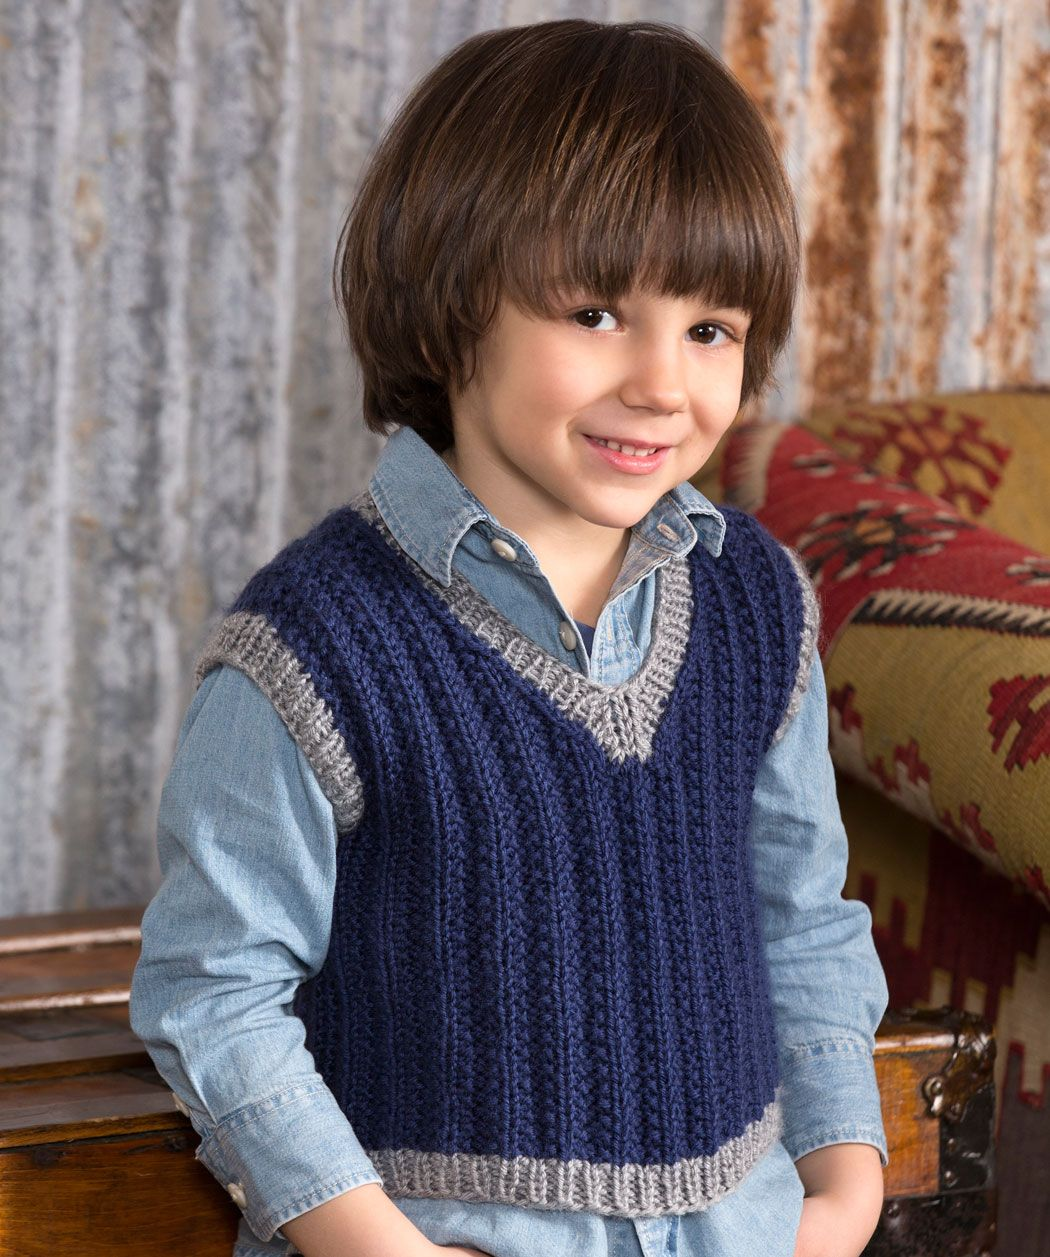 Knitting Jacket For Boy : Boy s seeded rib vest knit pattern children clothing